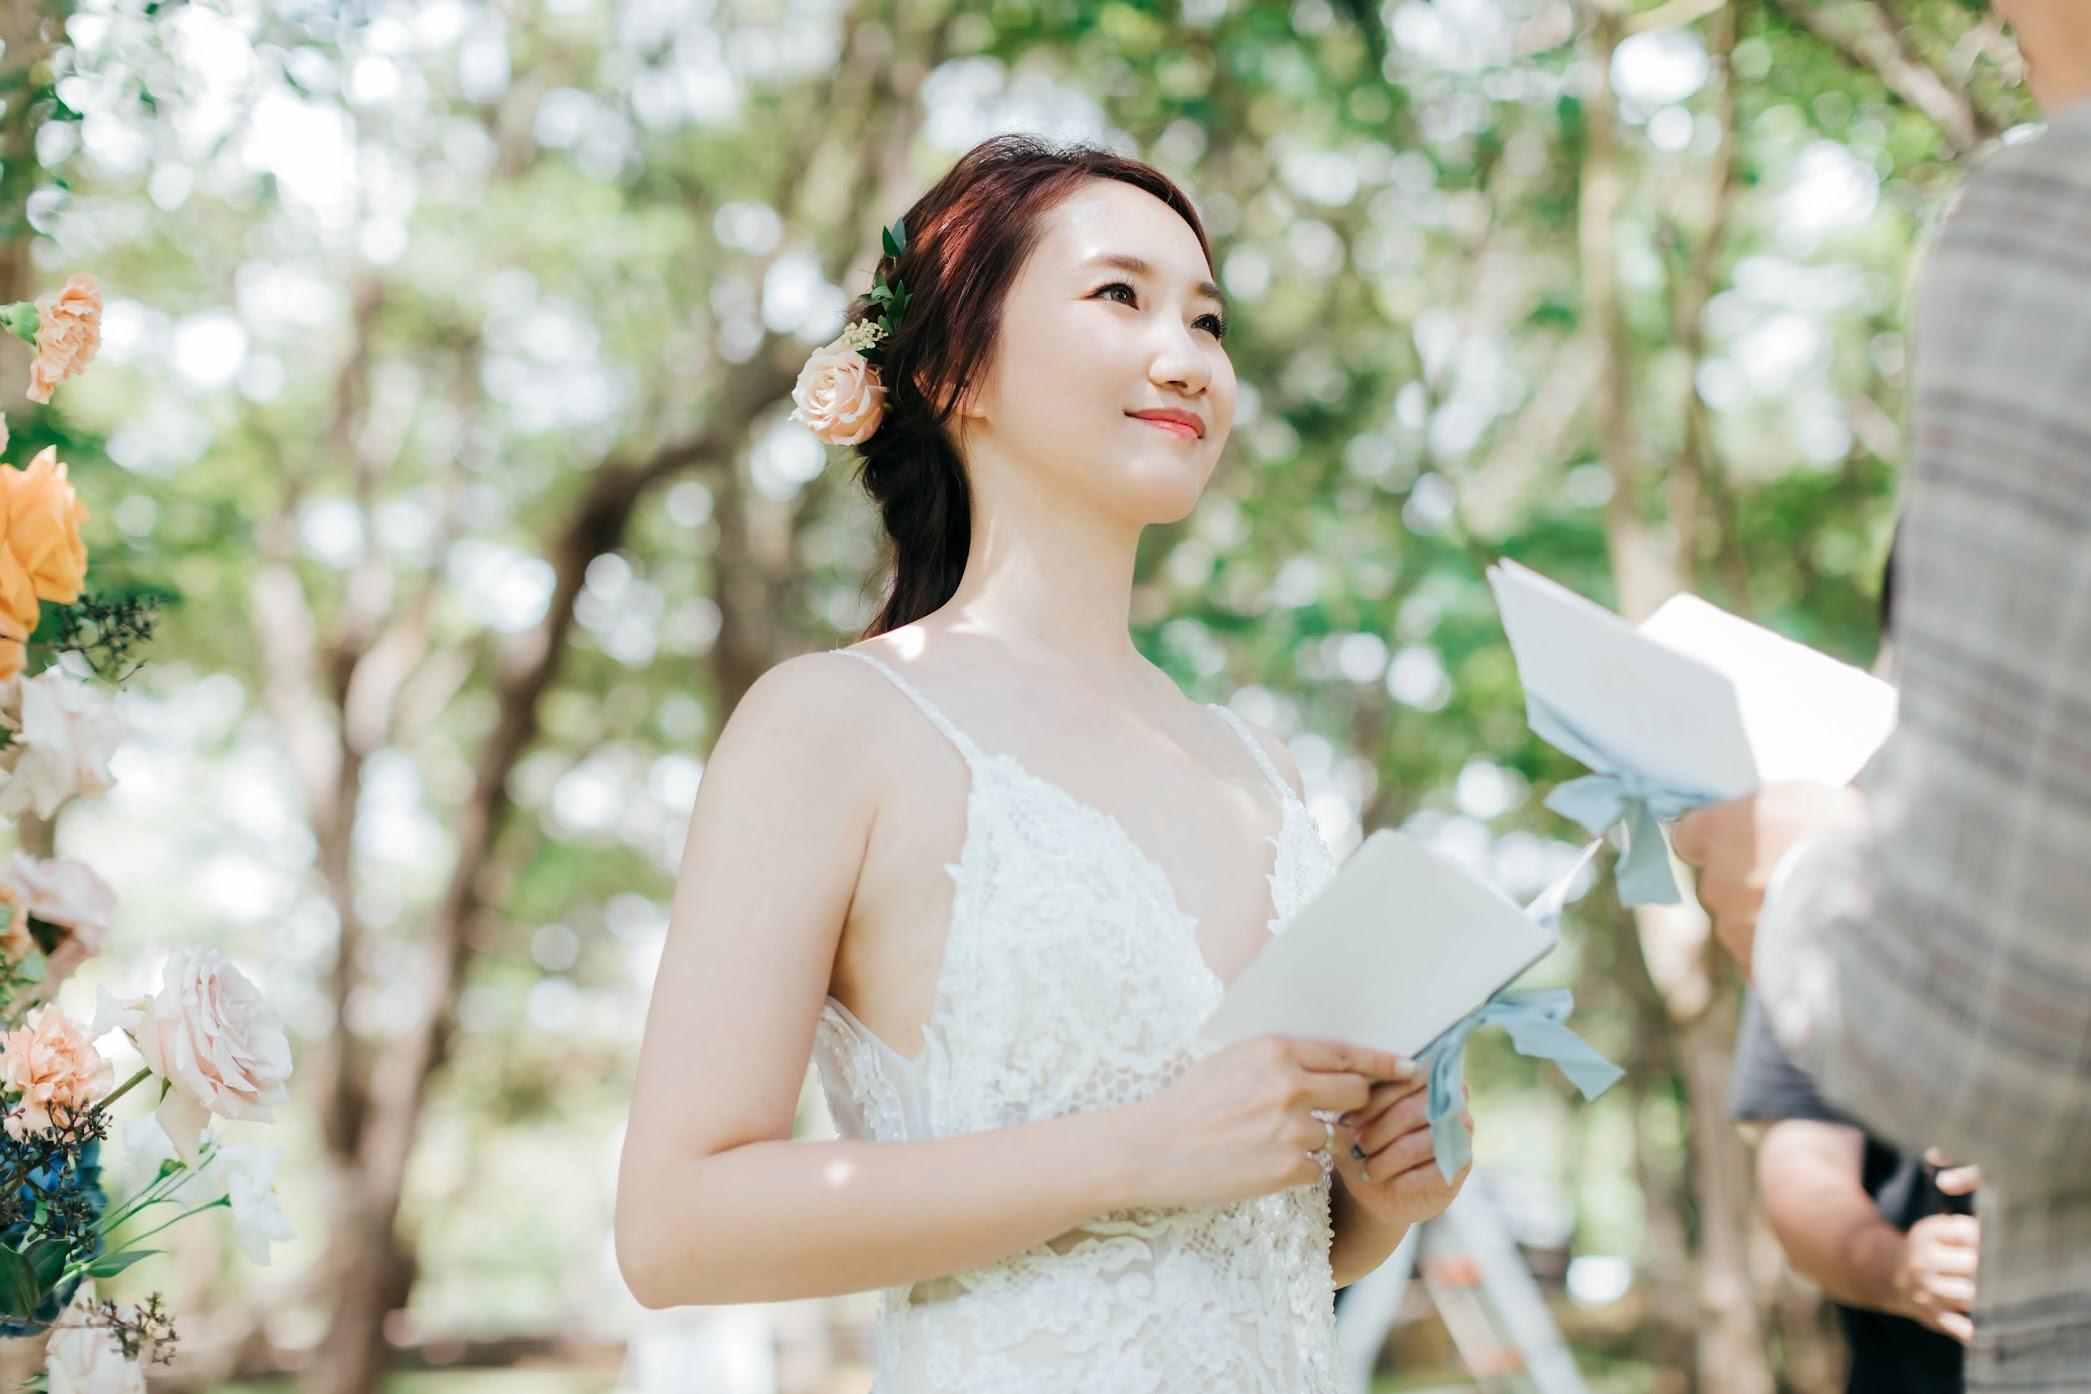 森林婚紗證婚篇 | Lucy + Seder Engagement | 森林裡的美式逐光婚紗 森林婚紗證婚篇 / 戶外 佈置 婚紗 / 美式婚紗婚禮 / 森林 婚紗, 今年夏天,我們前往都會公園 ,替 Lucy & Seder 拍攝了這組 戶外 證婚 婚紗,在熾熱的季節 , 森林 很涼爽舒適,使拍攝相當順利。這是一次非常深刻的 戶外 佈置 婚紗 拍攝經驗,而外拍後,我們又再前往棚內,在室內為他們拍攝AG便服的 逐光 美式 婚紗。